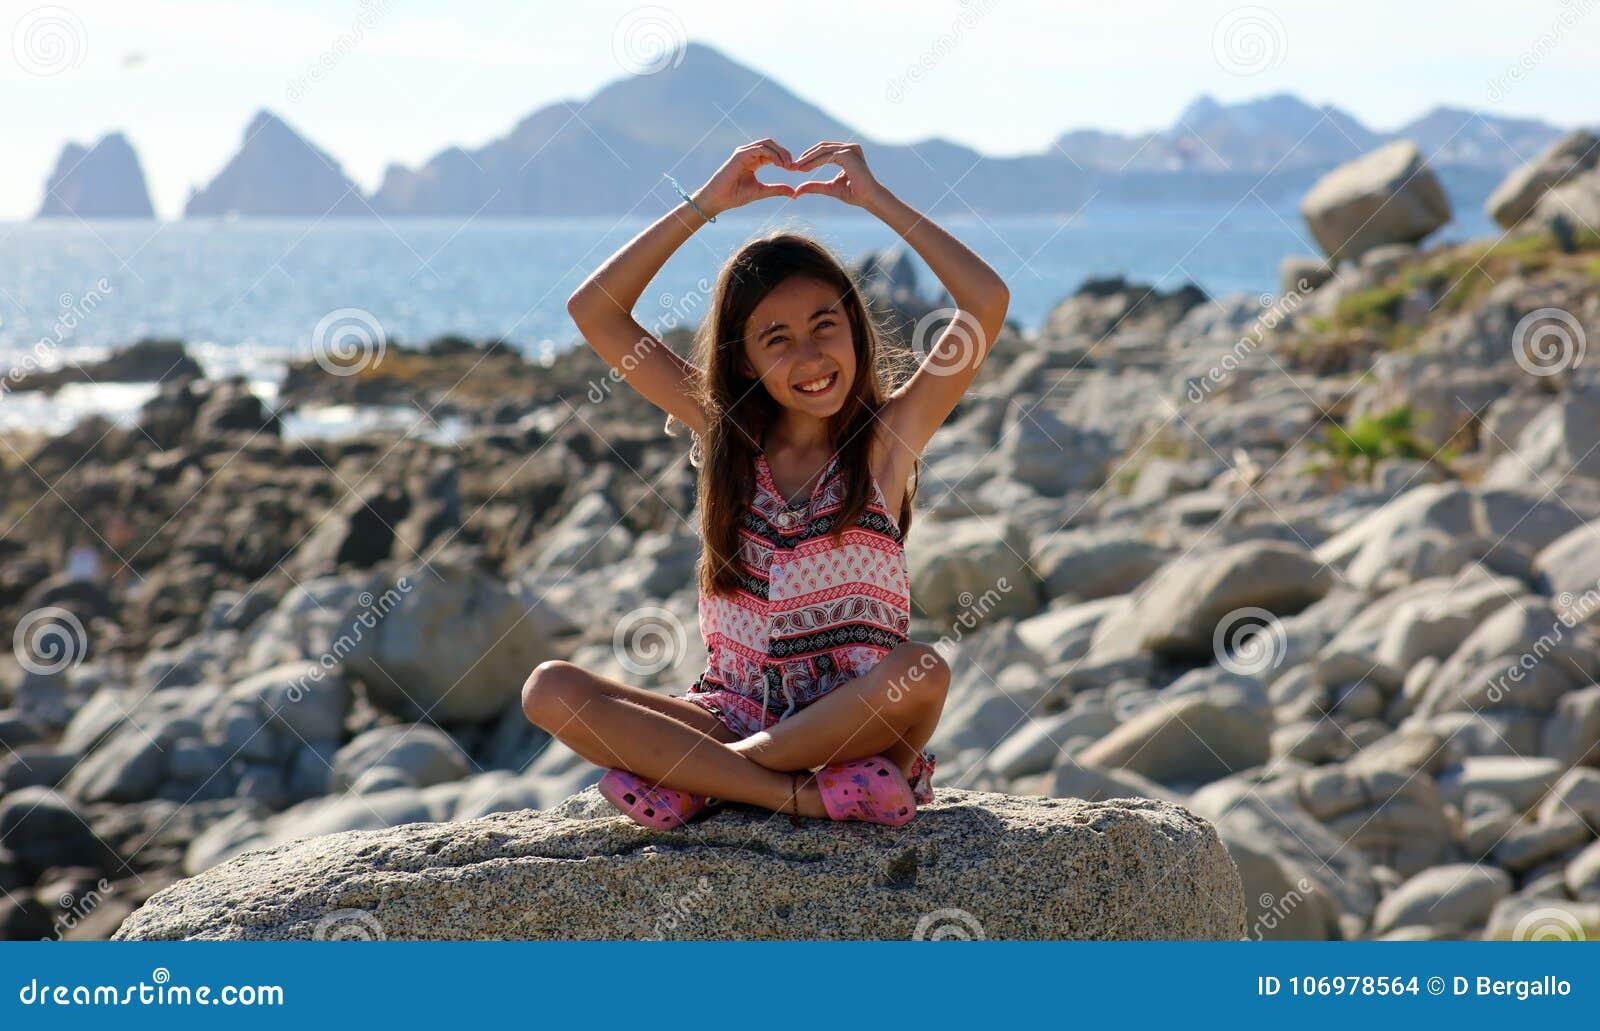 Συνεδρίαση μικρών κοριτσιών στους βράχους στο ωκεάνιο μέτωπο στη θάλασσα απότομων βράχων θερέτρου Los Cabos Μεξικό